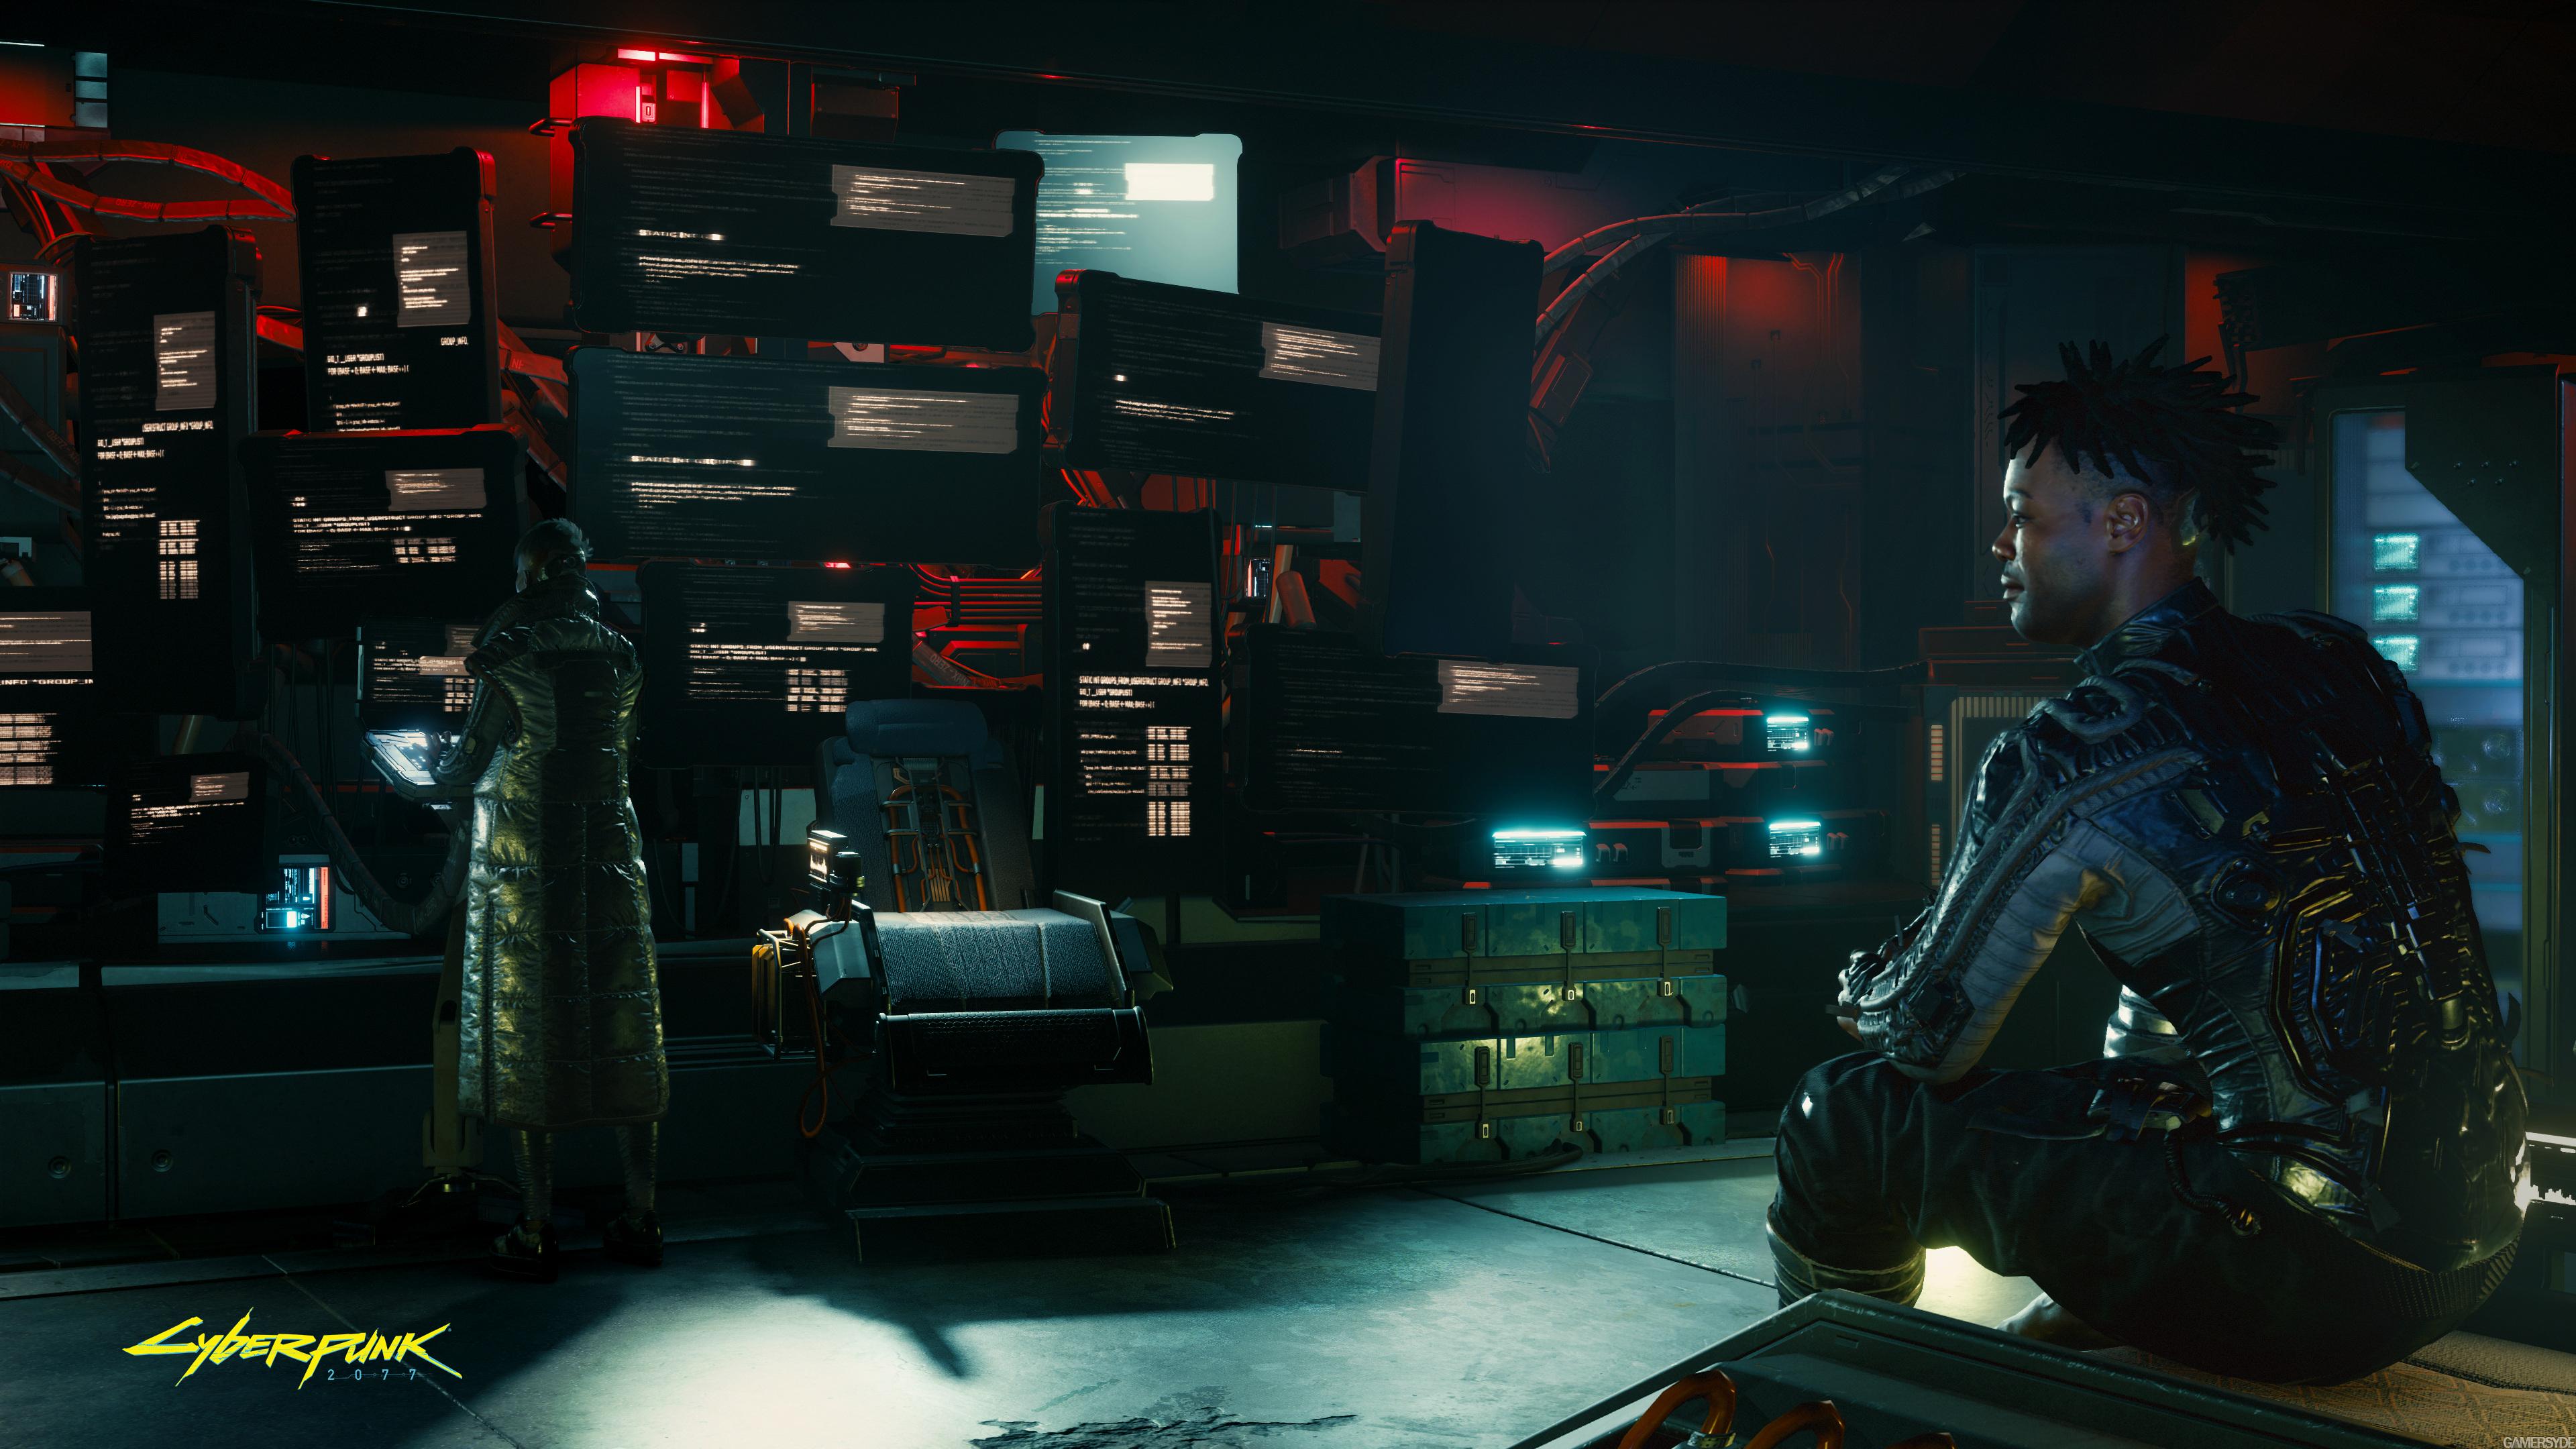 Первые подробности мультиплеера Cyberpunk 2077 от датамайнеров: два режима и возможное отсутствие выделенных серверов